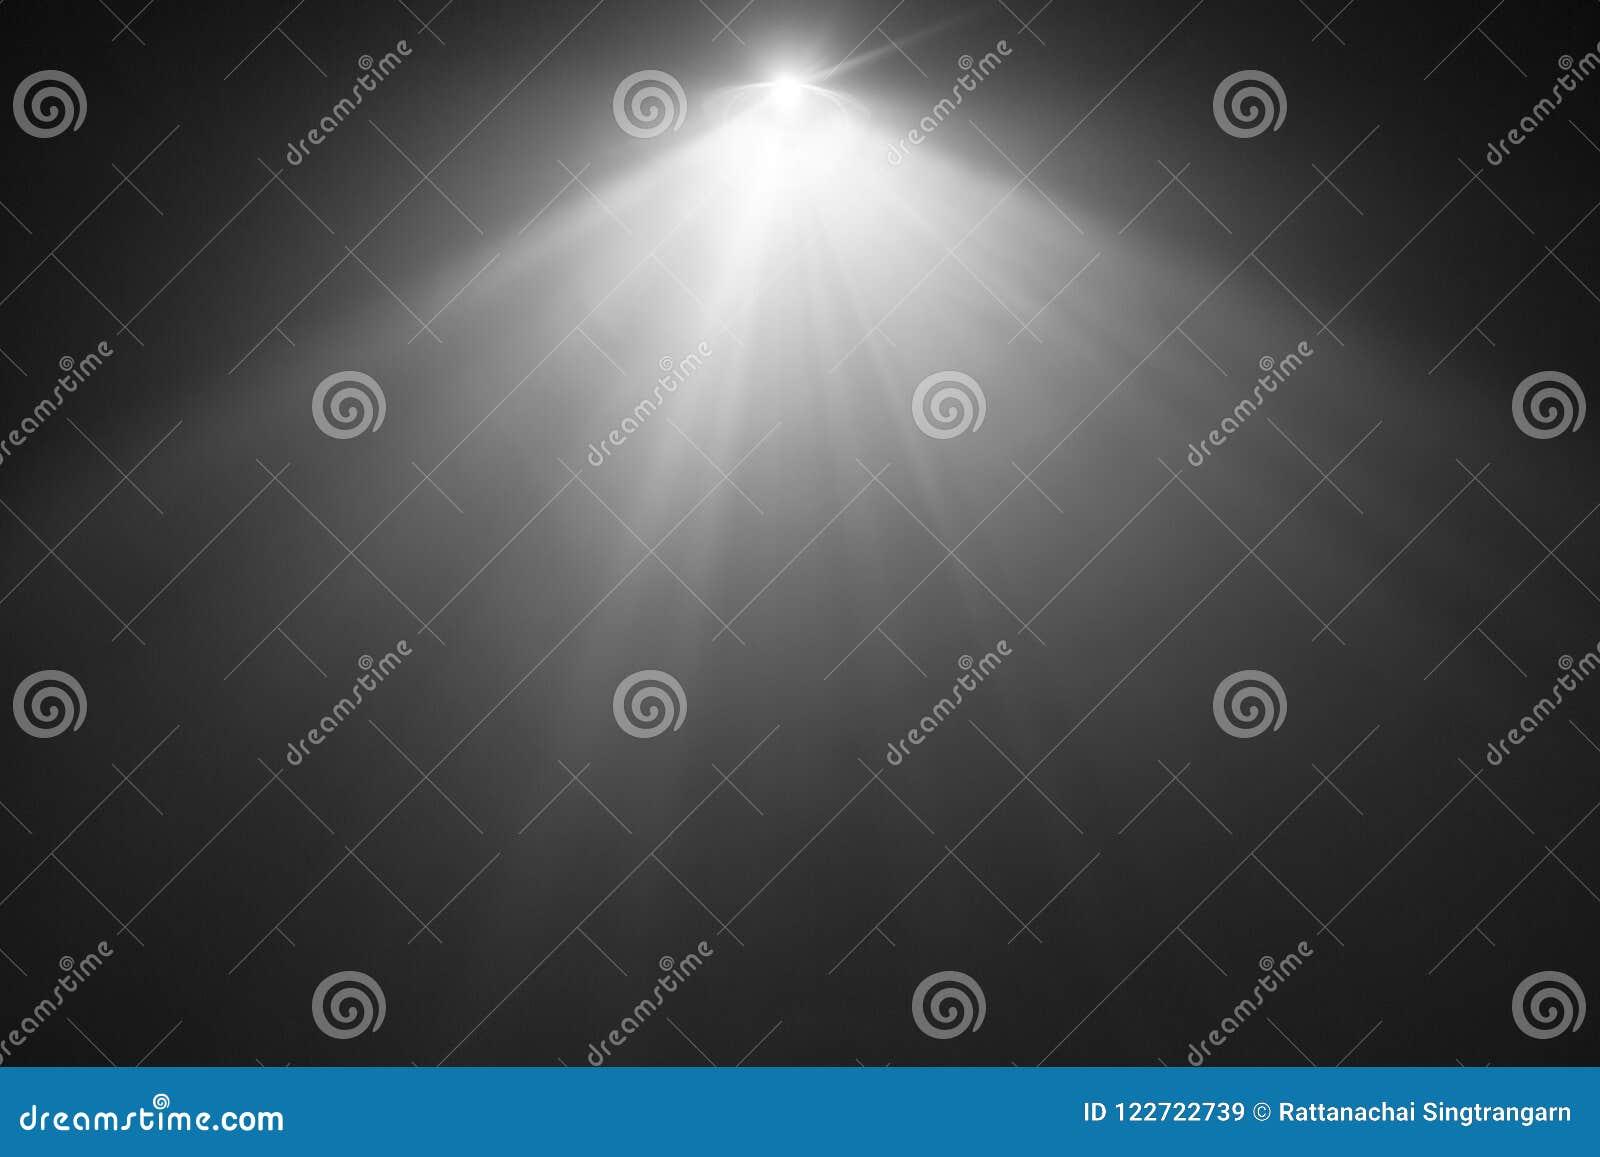 Projetor largo da lente da cor preto e branco projetor da textura do fumo abstraia o fundo